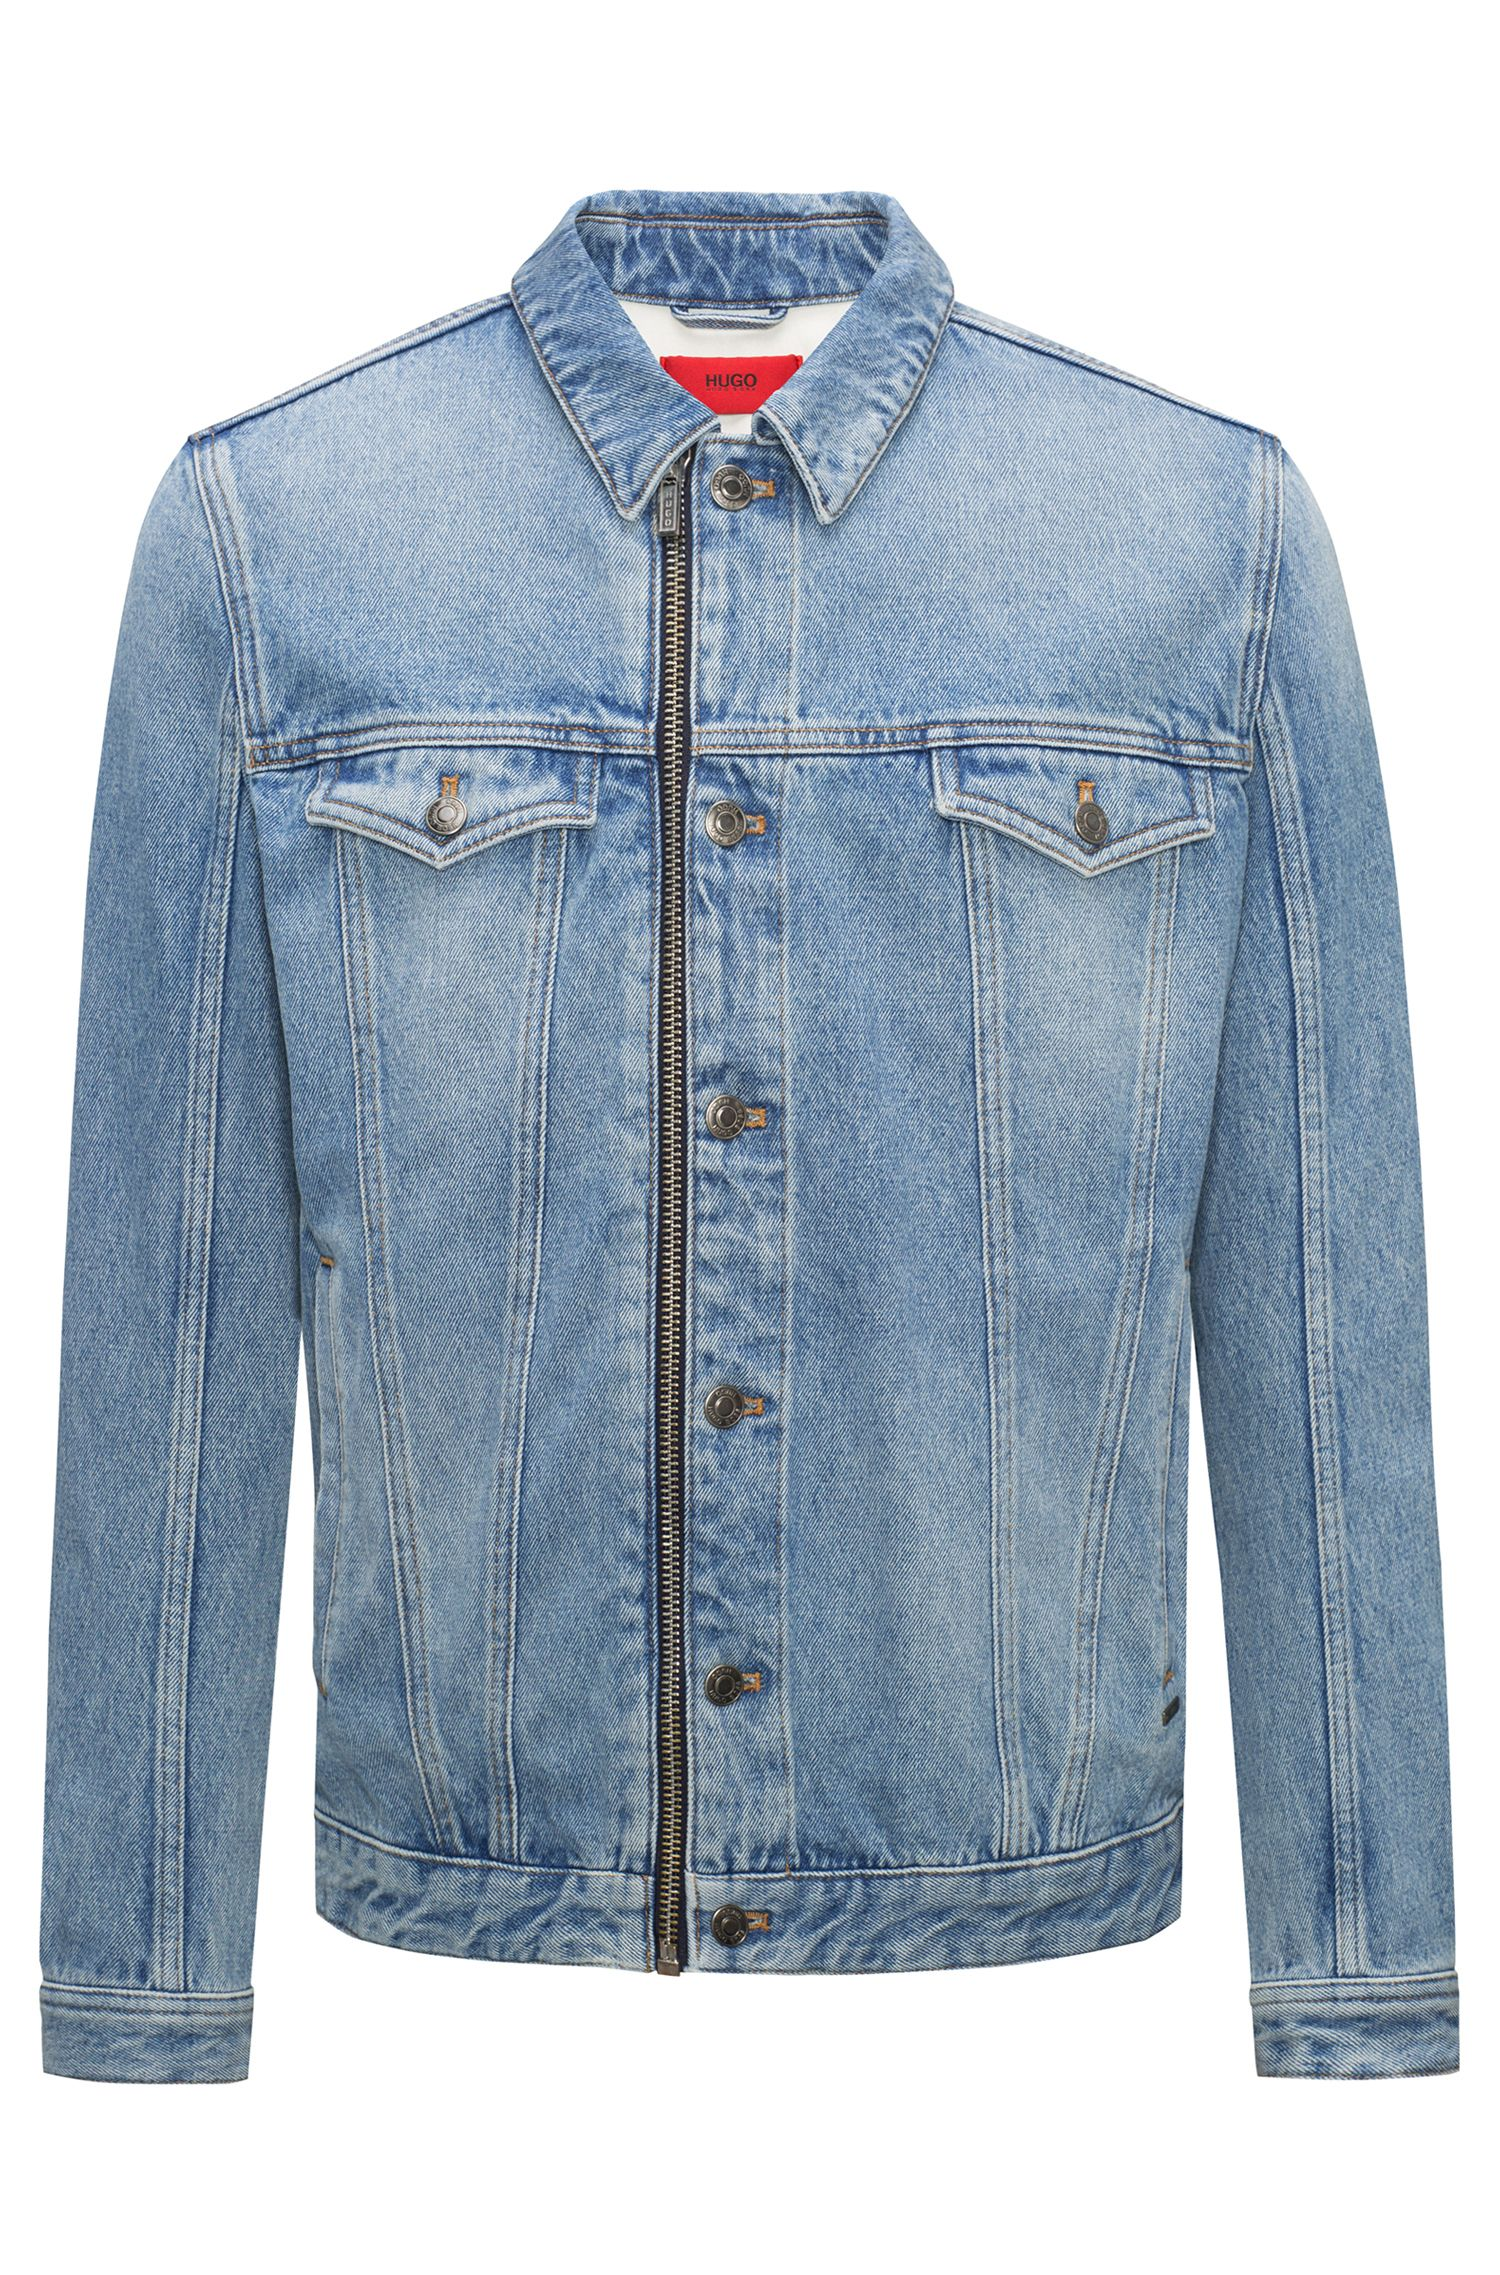 Light-wash denim jacket with zip front